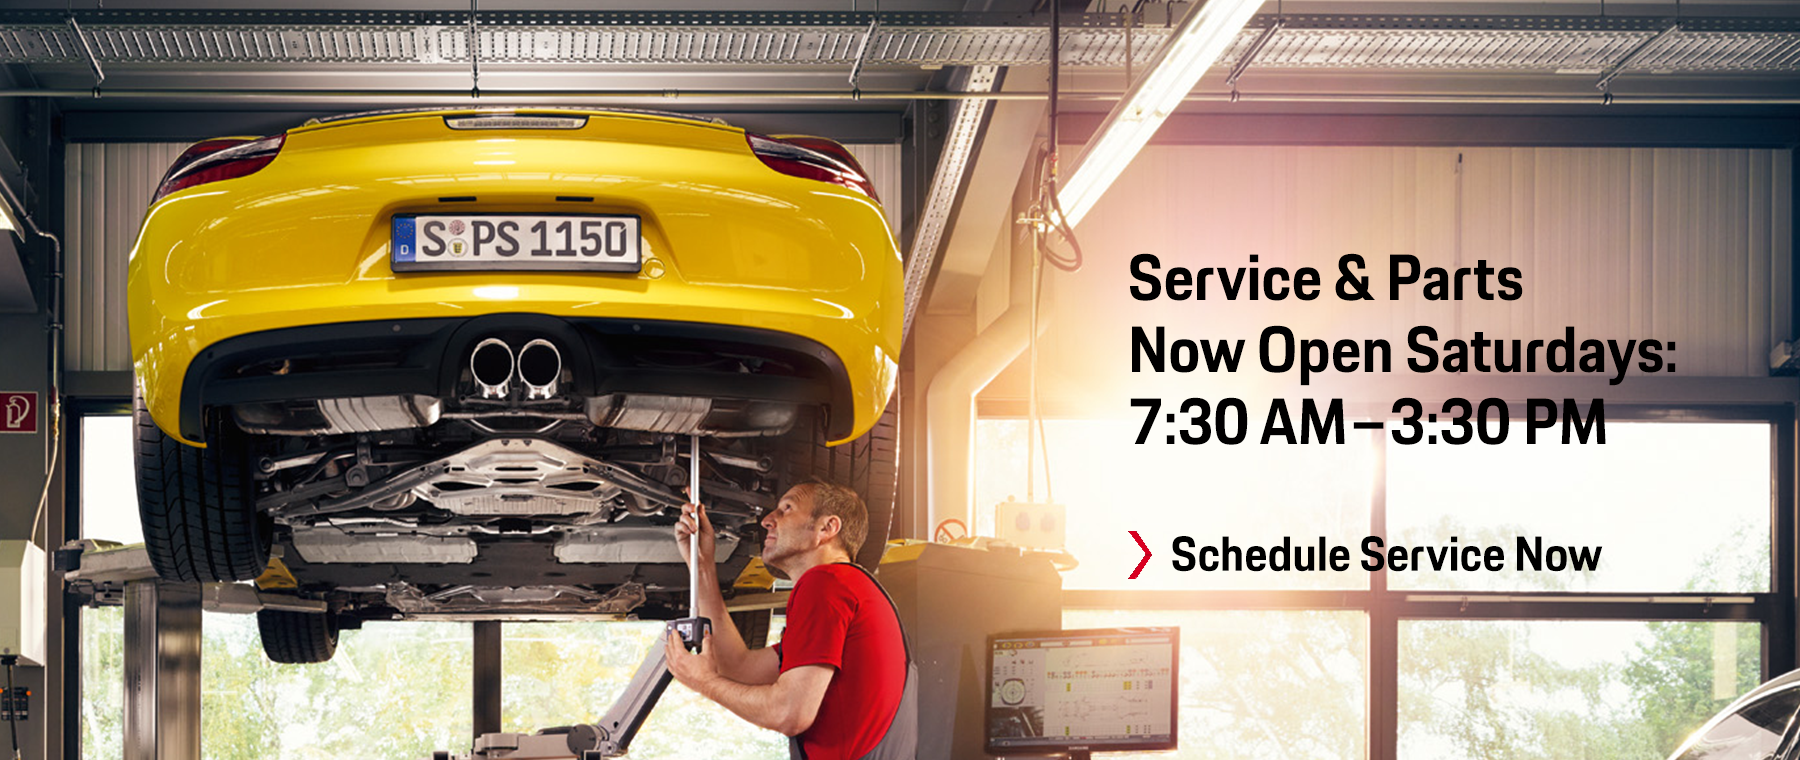 Service & Parts Now Open Saturdays: 7:30 AM–3:30 PM Schedule Service Now